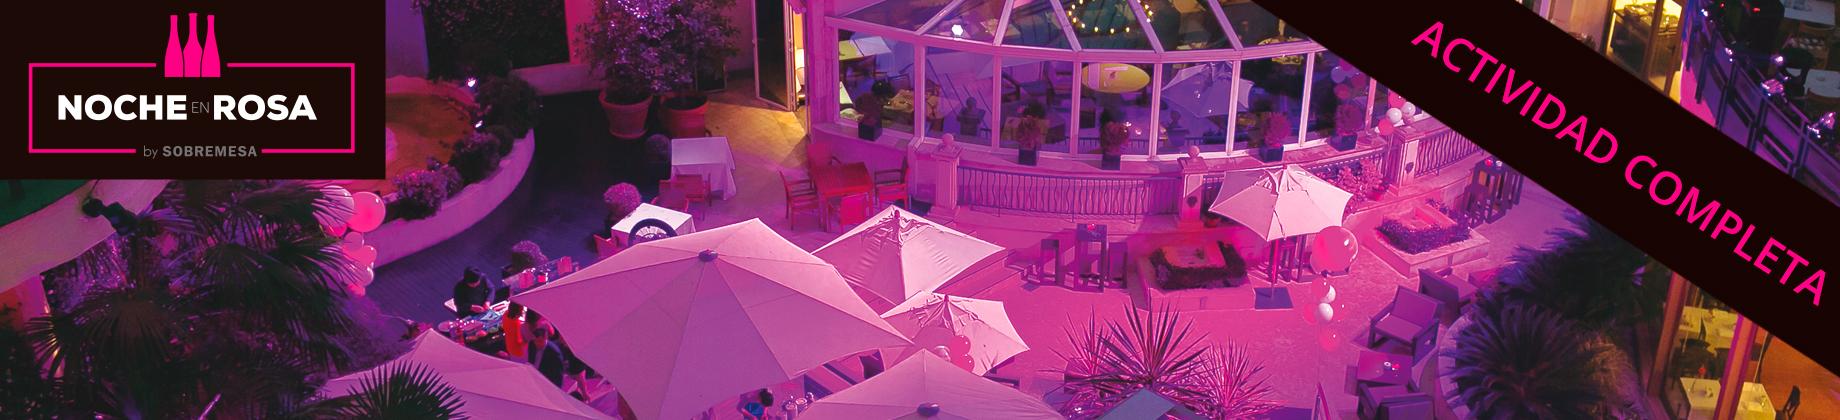 La noche en rosa